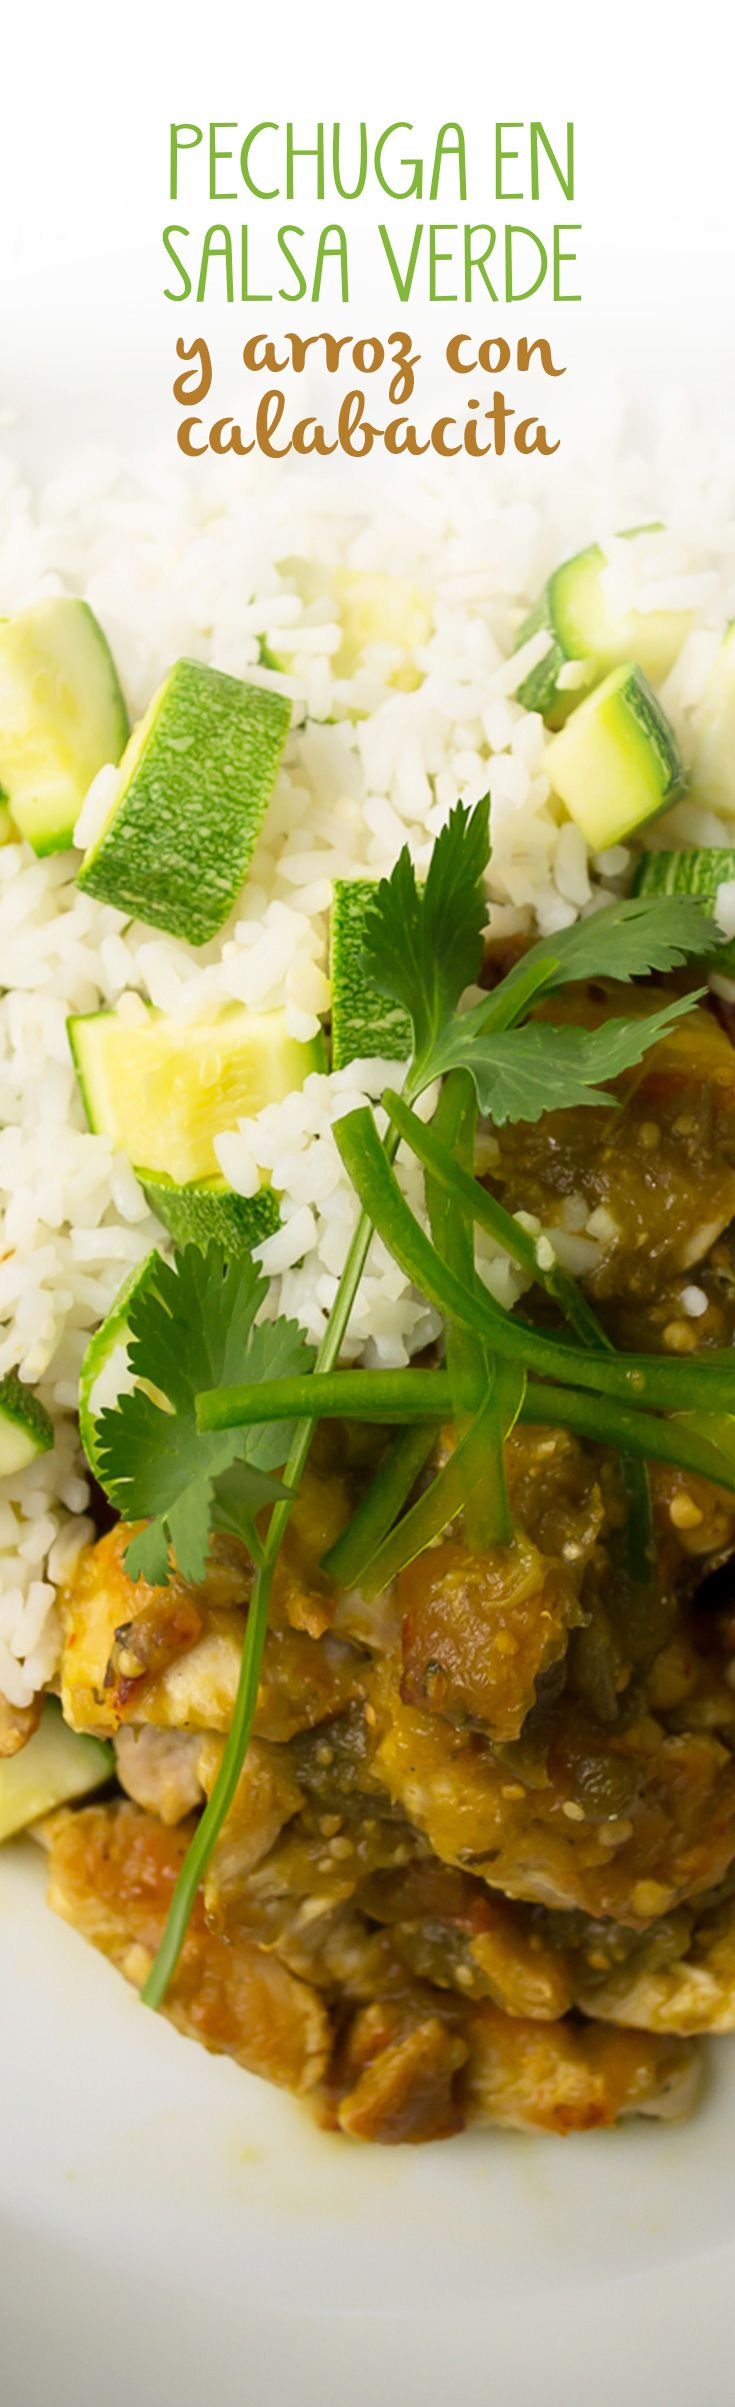 Pechuga en salsa verde y arroz con calabacita recipe food pechuga en salsa verde y arroz con calabacita recipe food recipes and food food forumfinder Choice Image